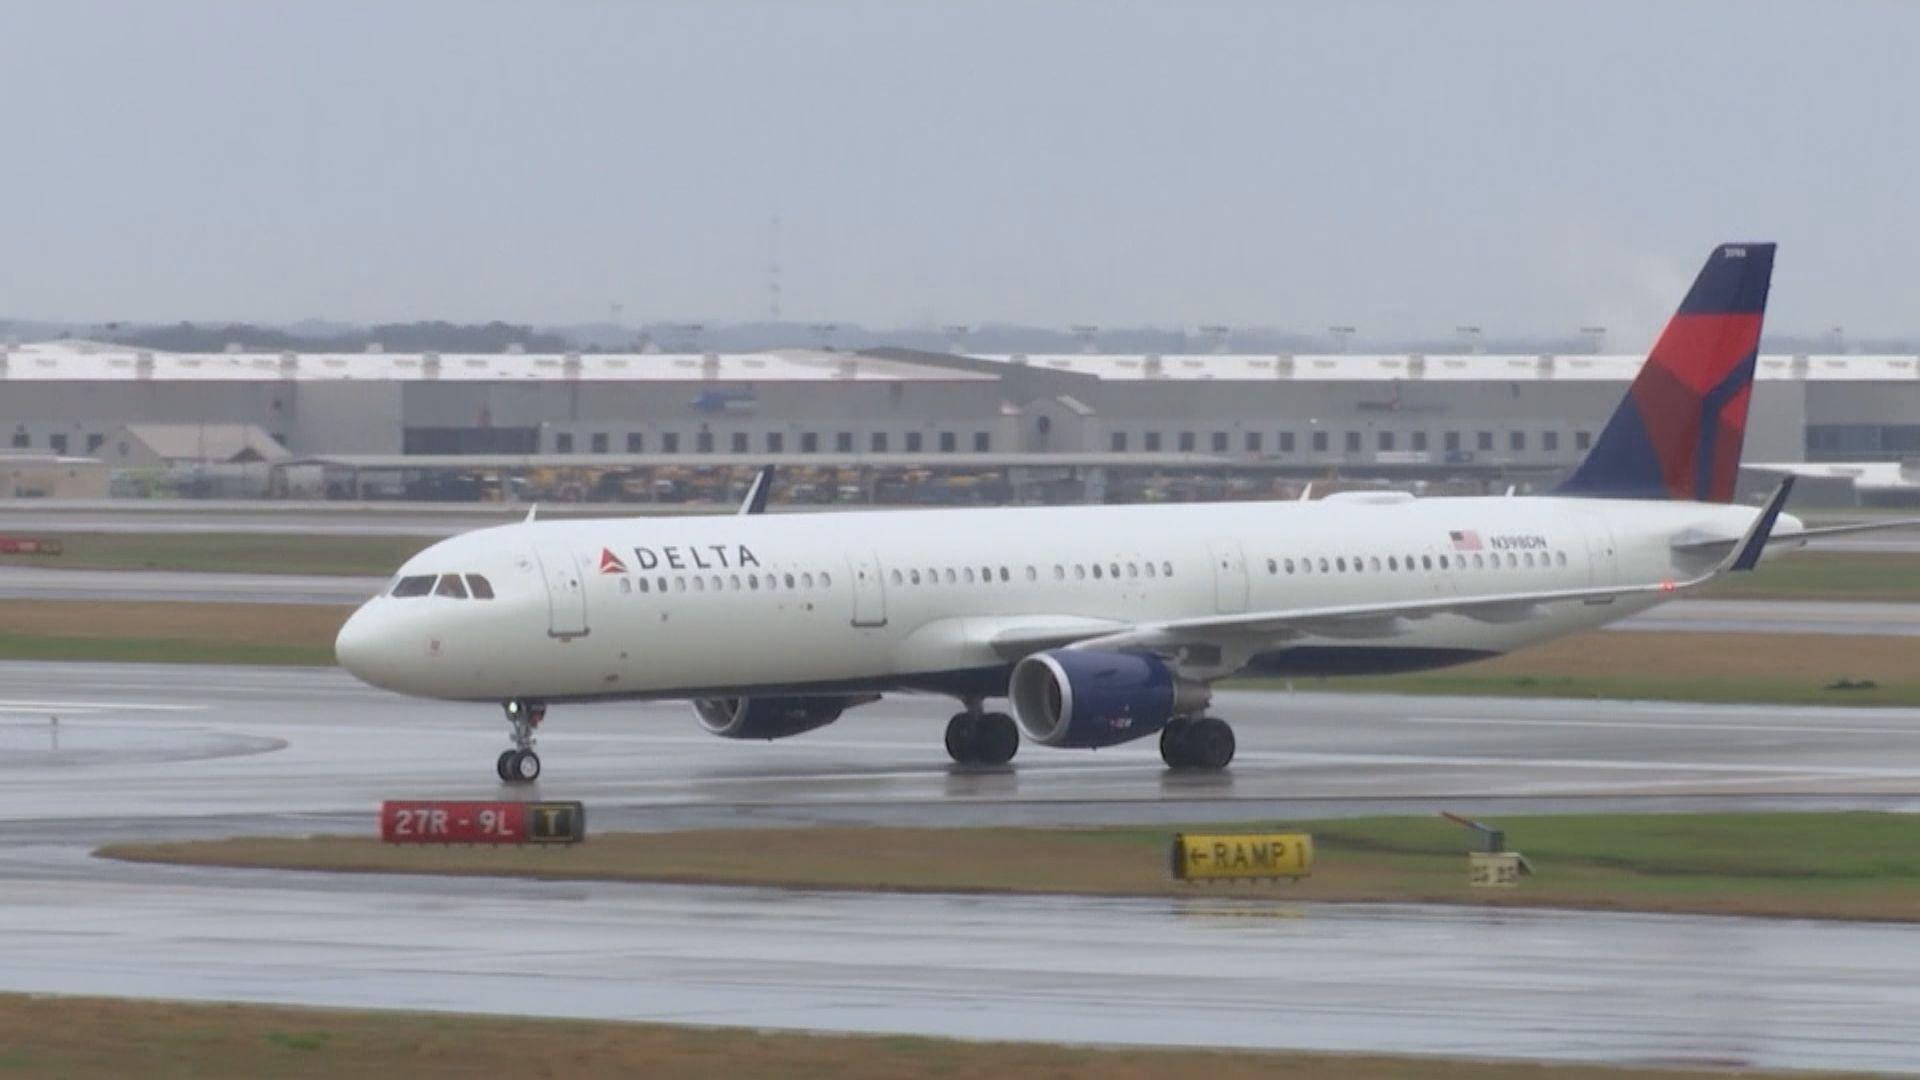 受疫情影響 美國有航空公司削航班數量